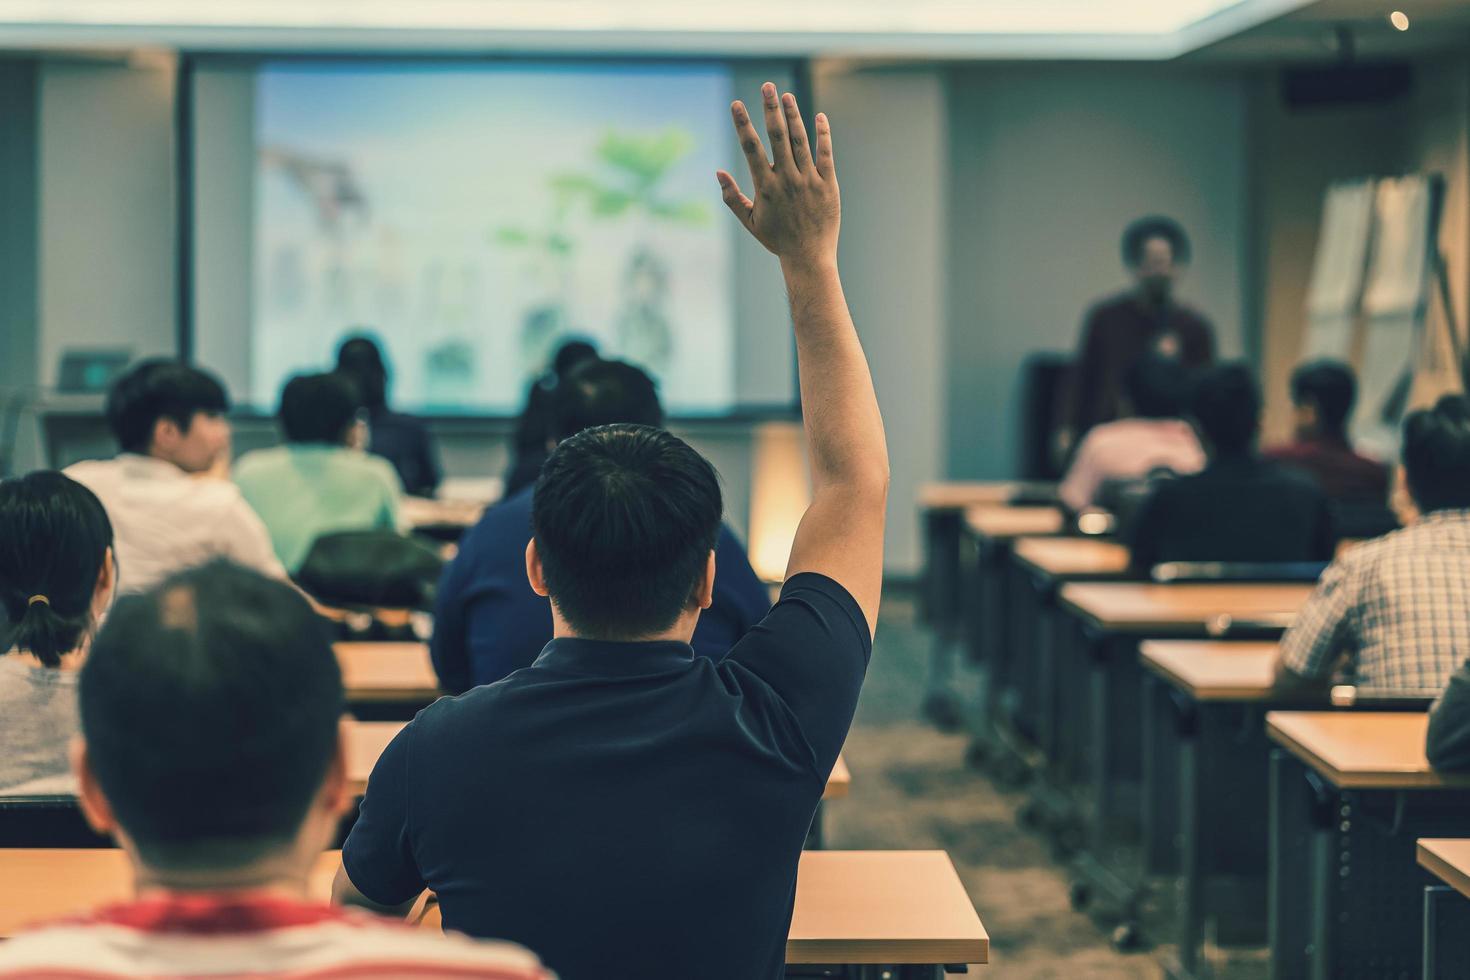 un giovane alza la mano durante una lezione in un seminario foto